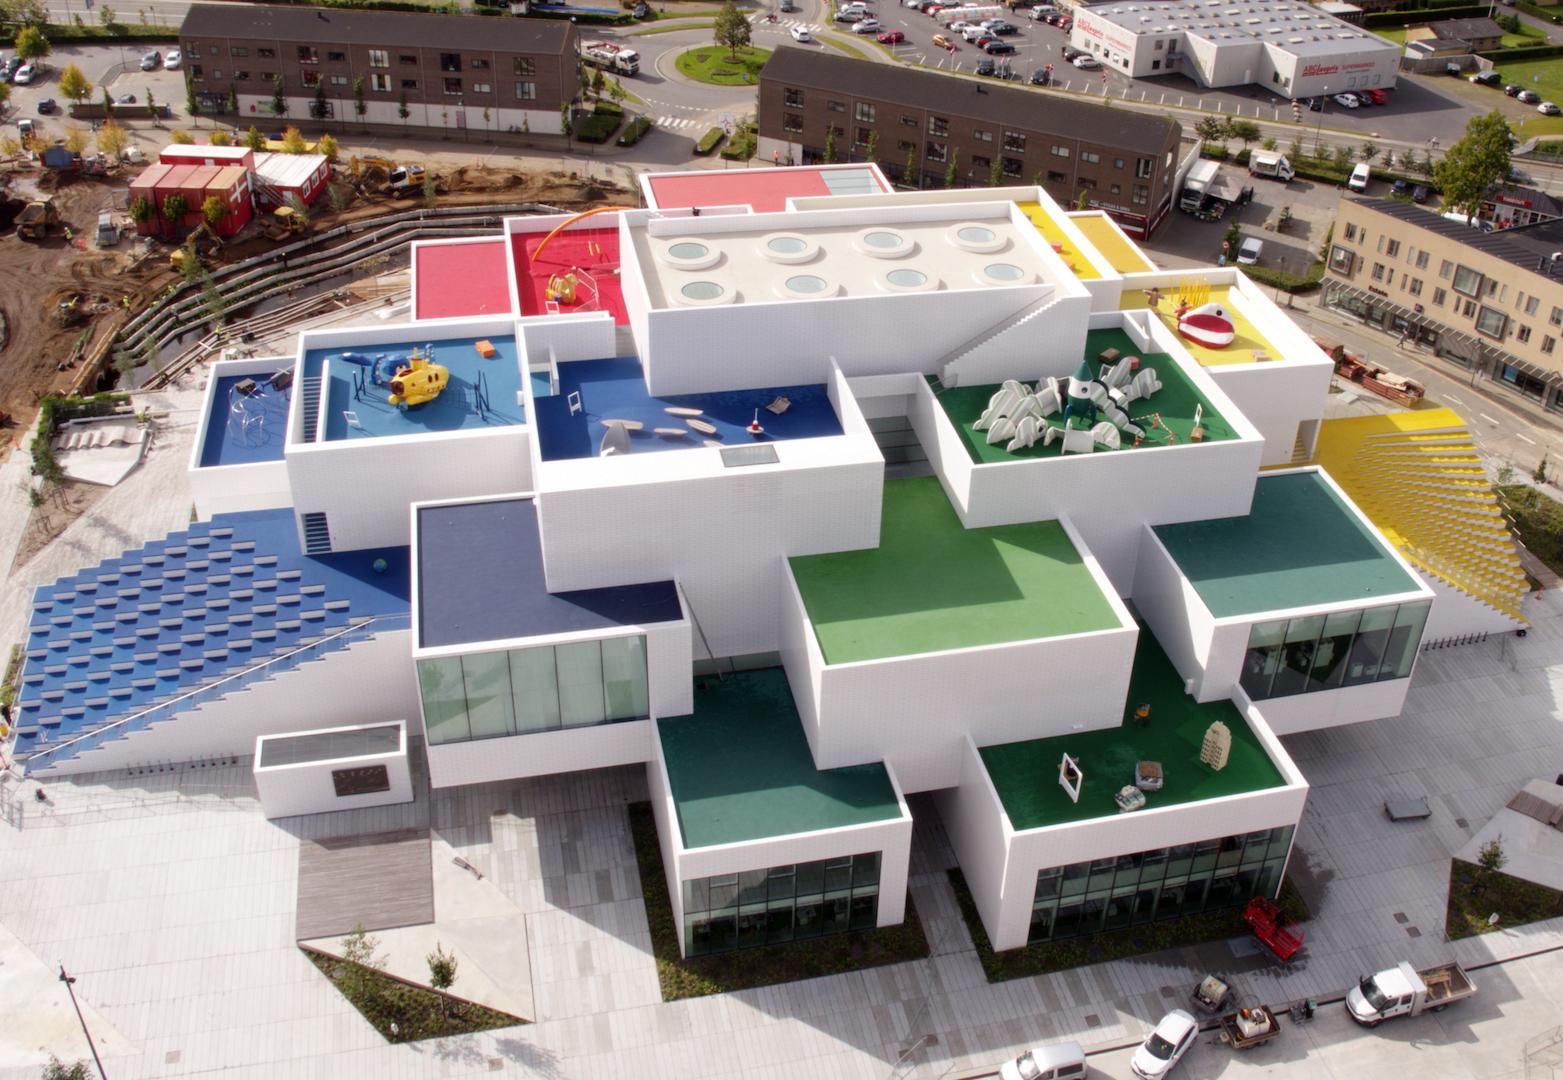 Ufficialmente aperta al pubblico, la Lego House è un tributo architettonico al celebre mattoncino in plastica colorata © LEGO